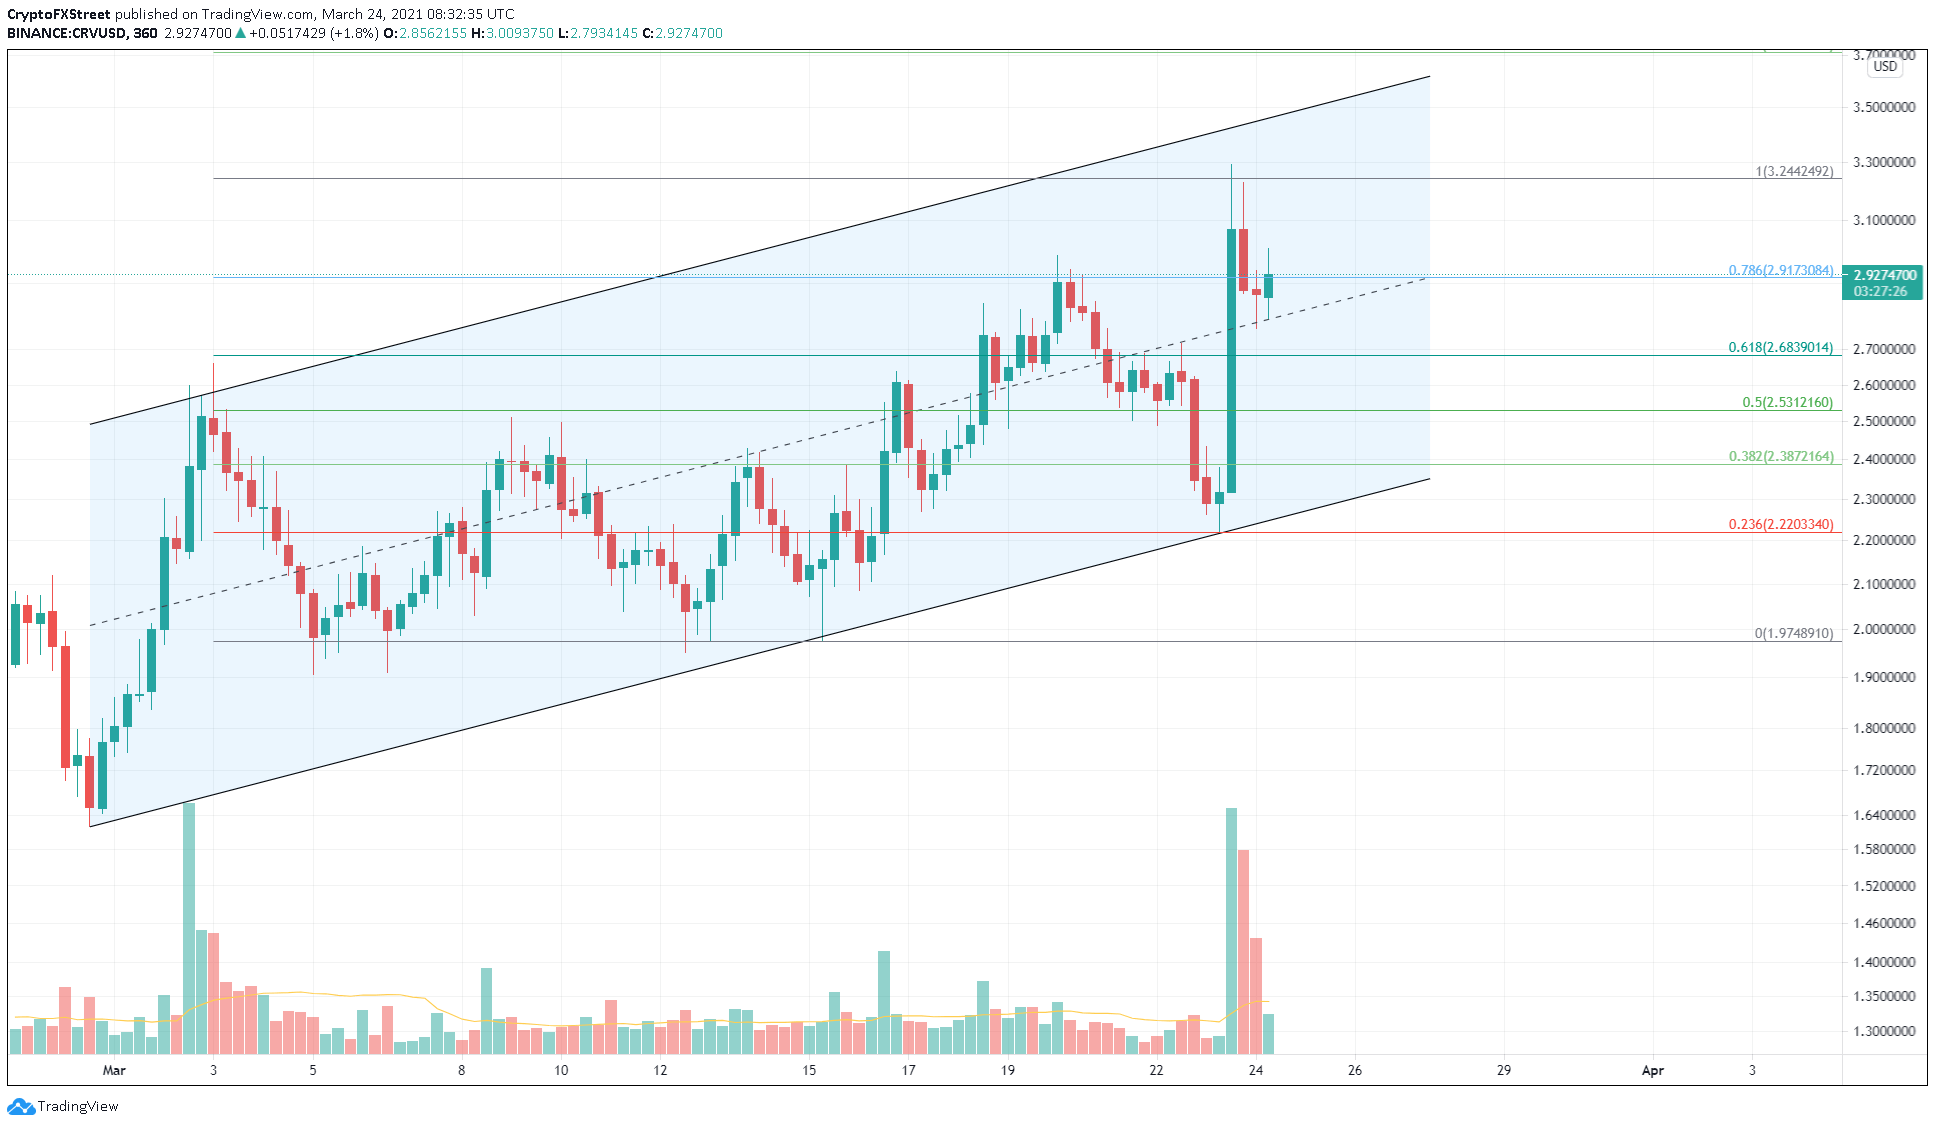 CRV/USD 6-hour chart